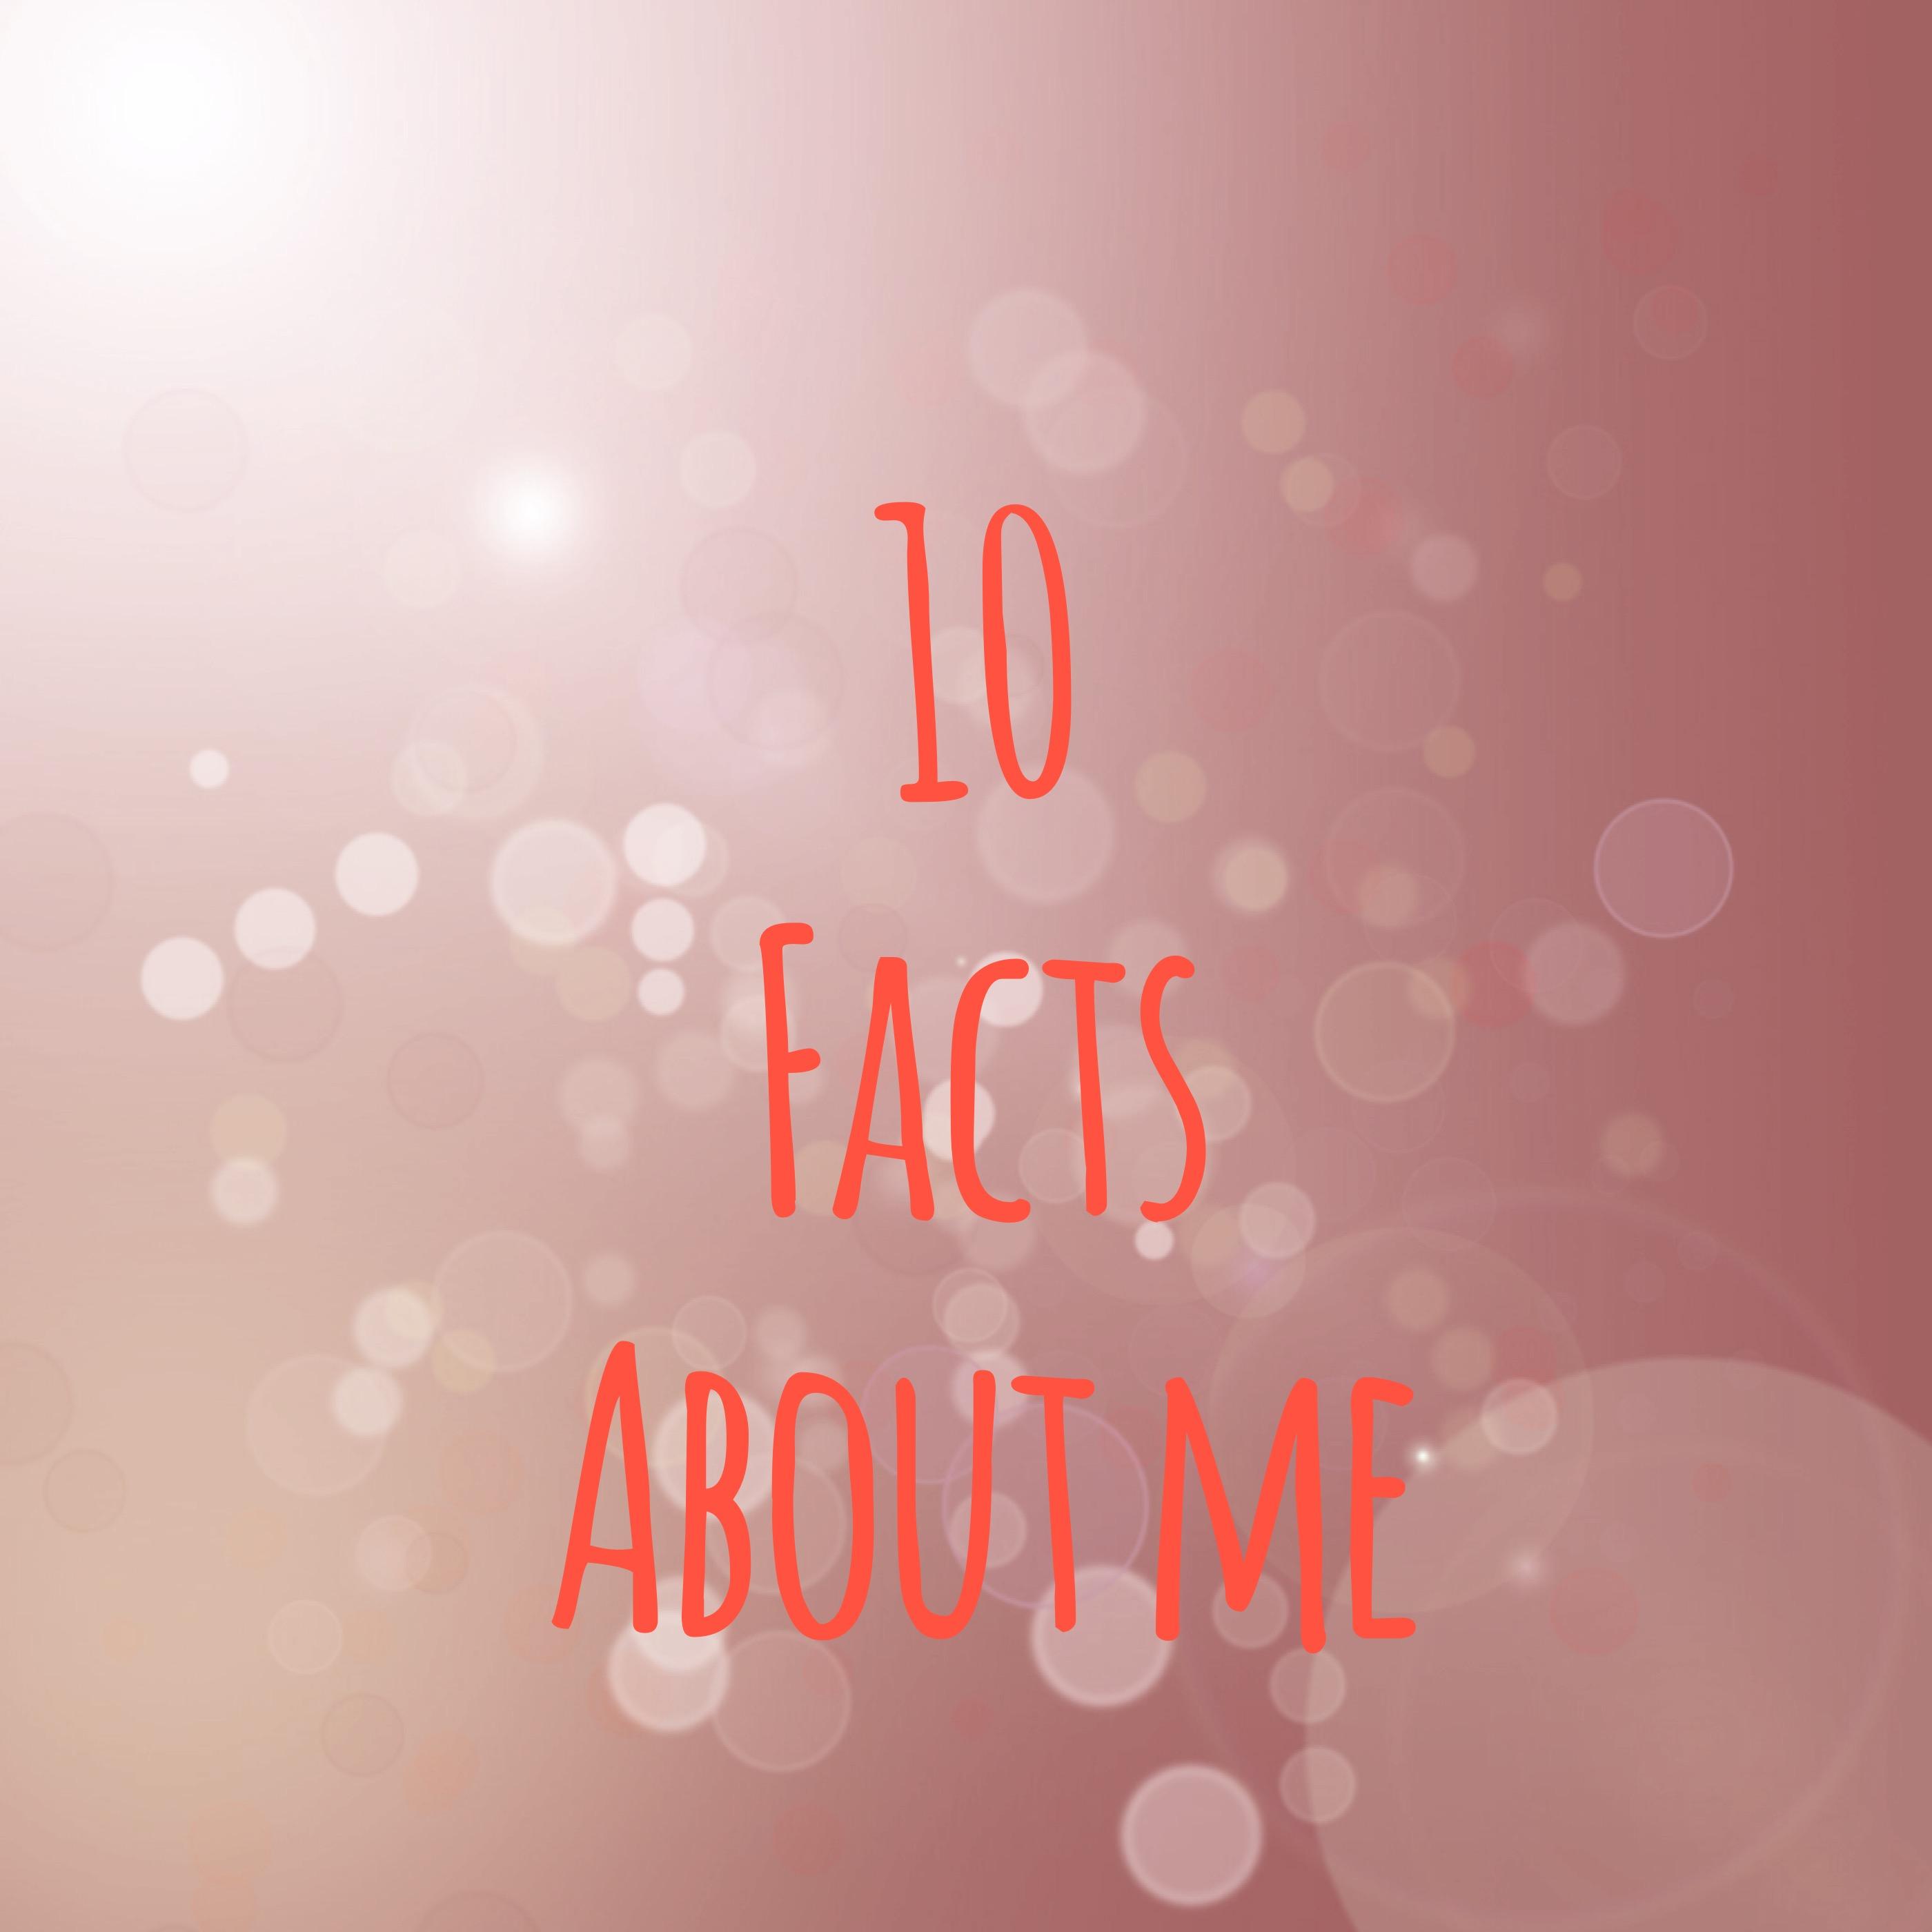 10 facts about me - Jennifit